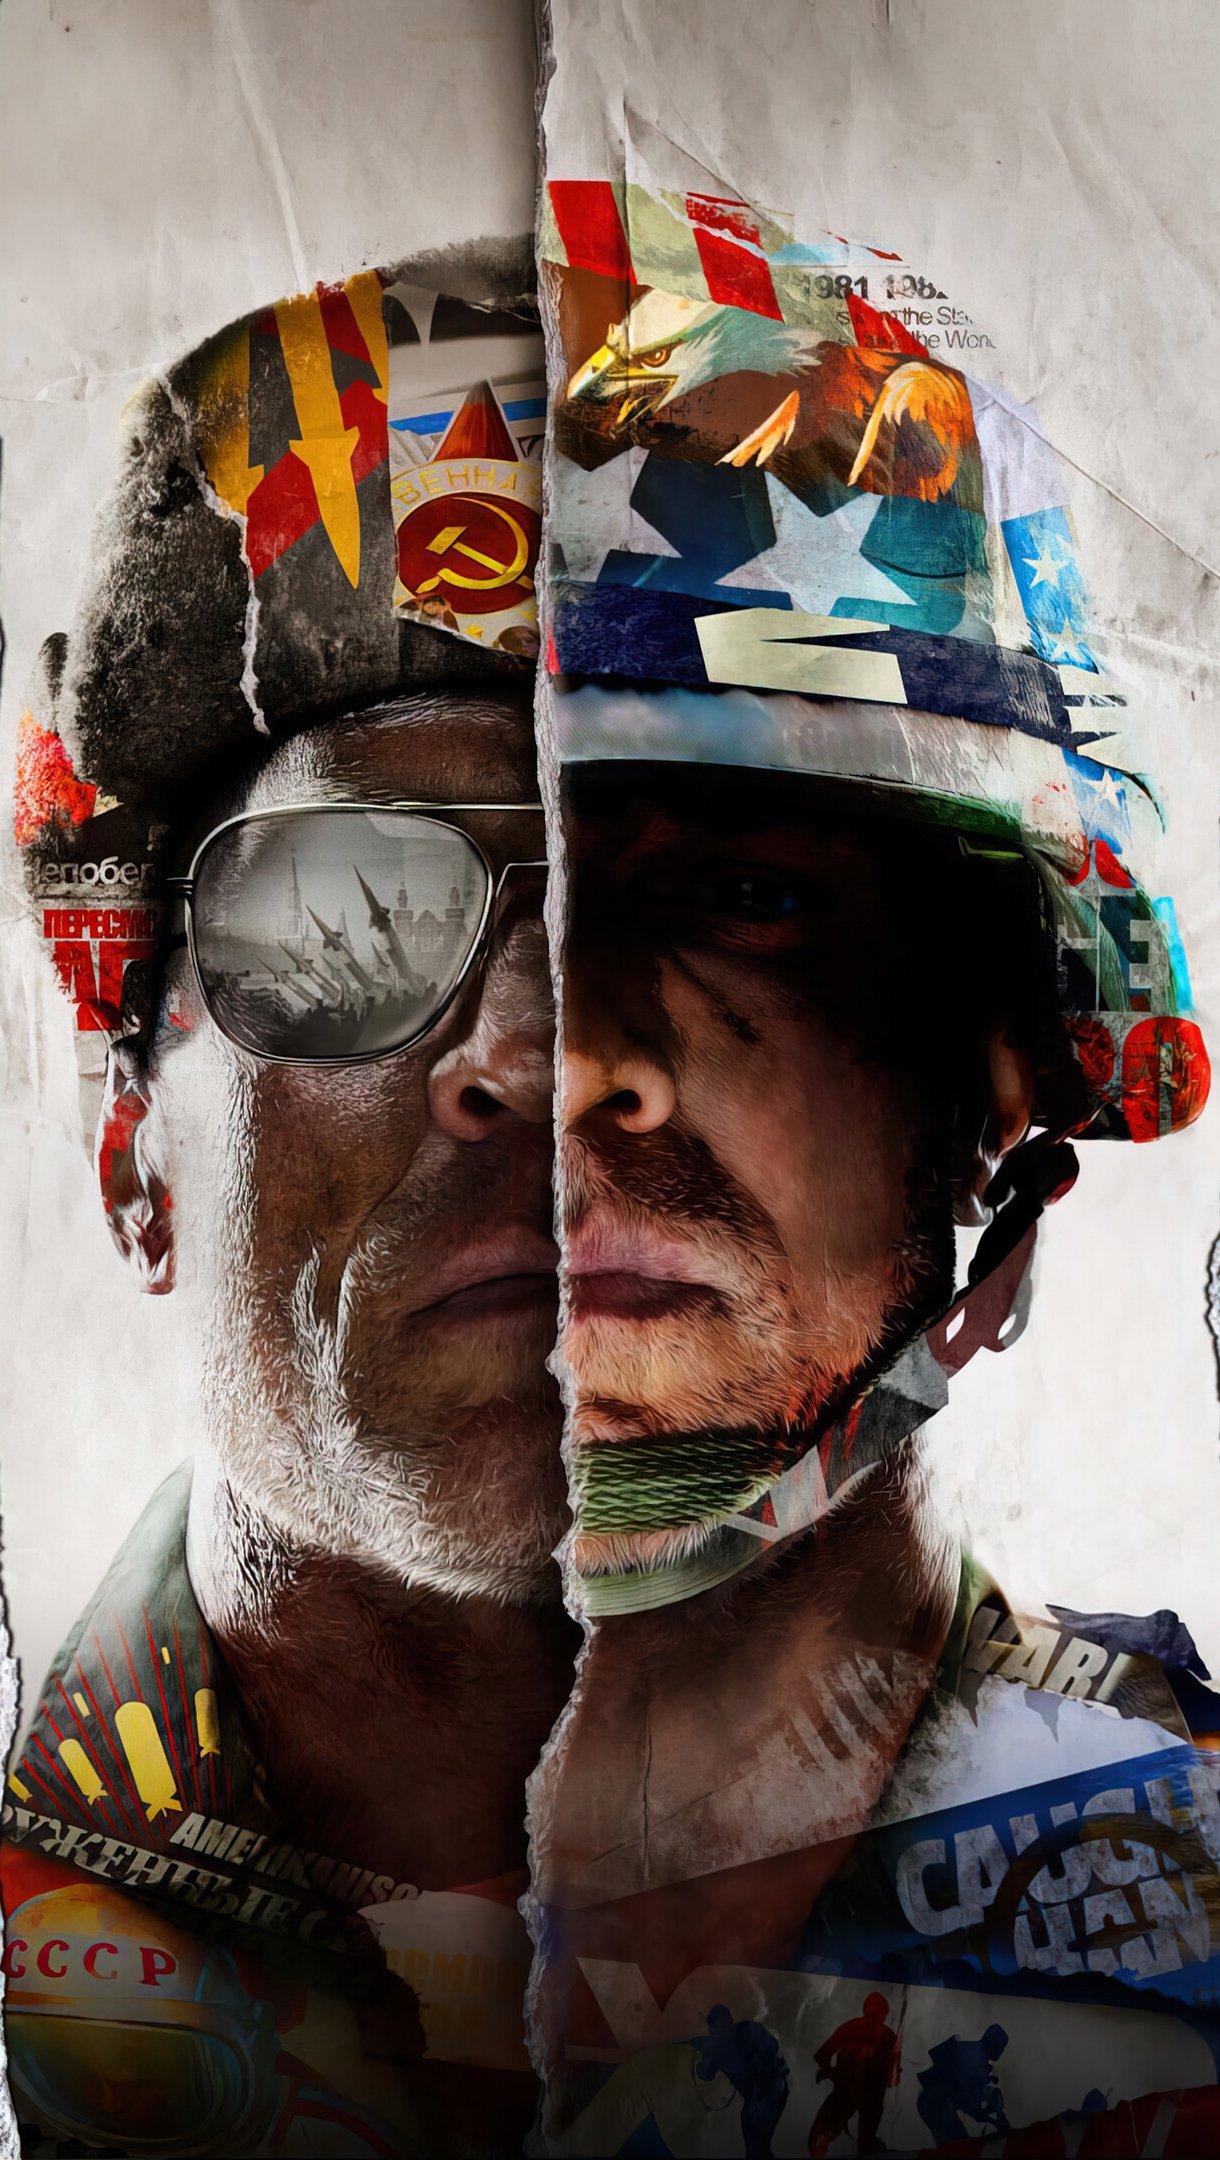 Fondos de pantalla Call of Duty Black Ops Cold War 2021 Vertical